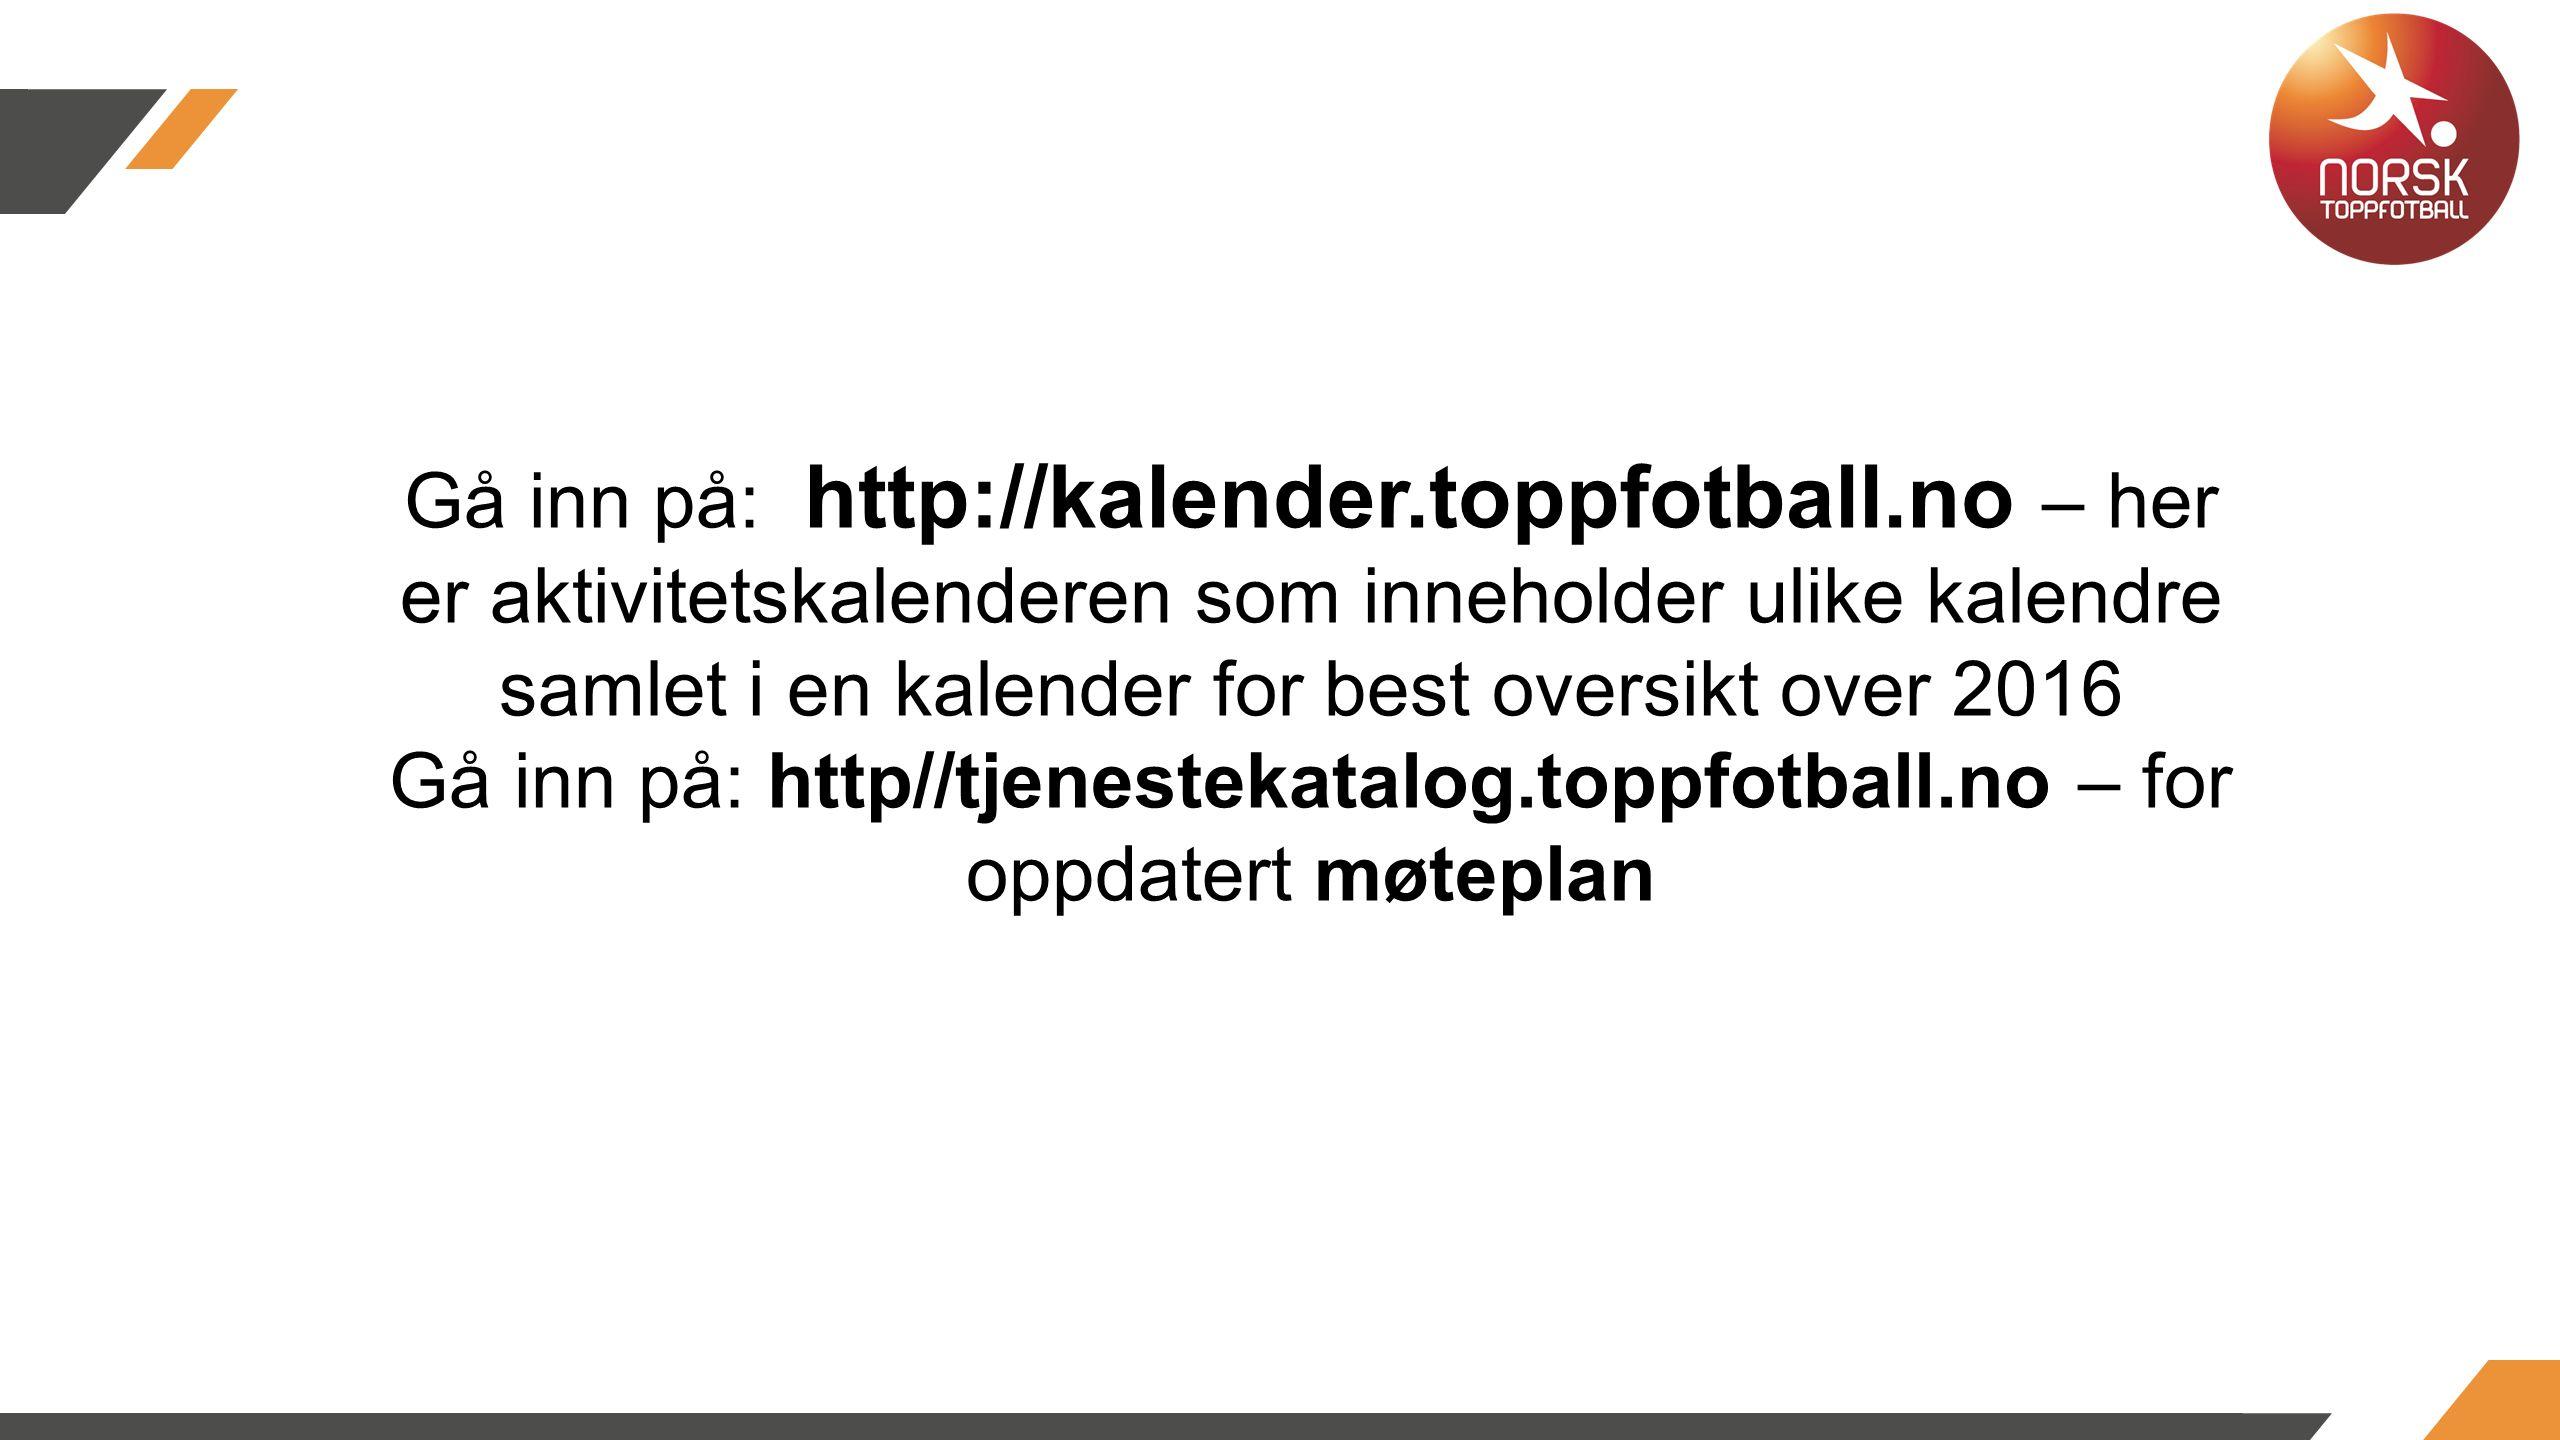 Gå inn på: http://kalender.toppfotball.no – her er aktivitetskalenderen som inneholder ulike kalendre samlet i en kalender for best oversikt over 2016 Gå inn på: http//tjenestekatalog.toppfotball.no – for oppdatert møteplan http://kalender.toppfotball.no